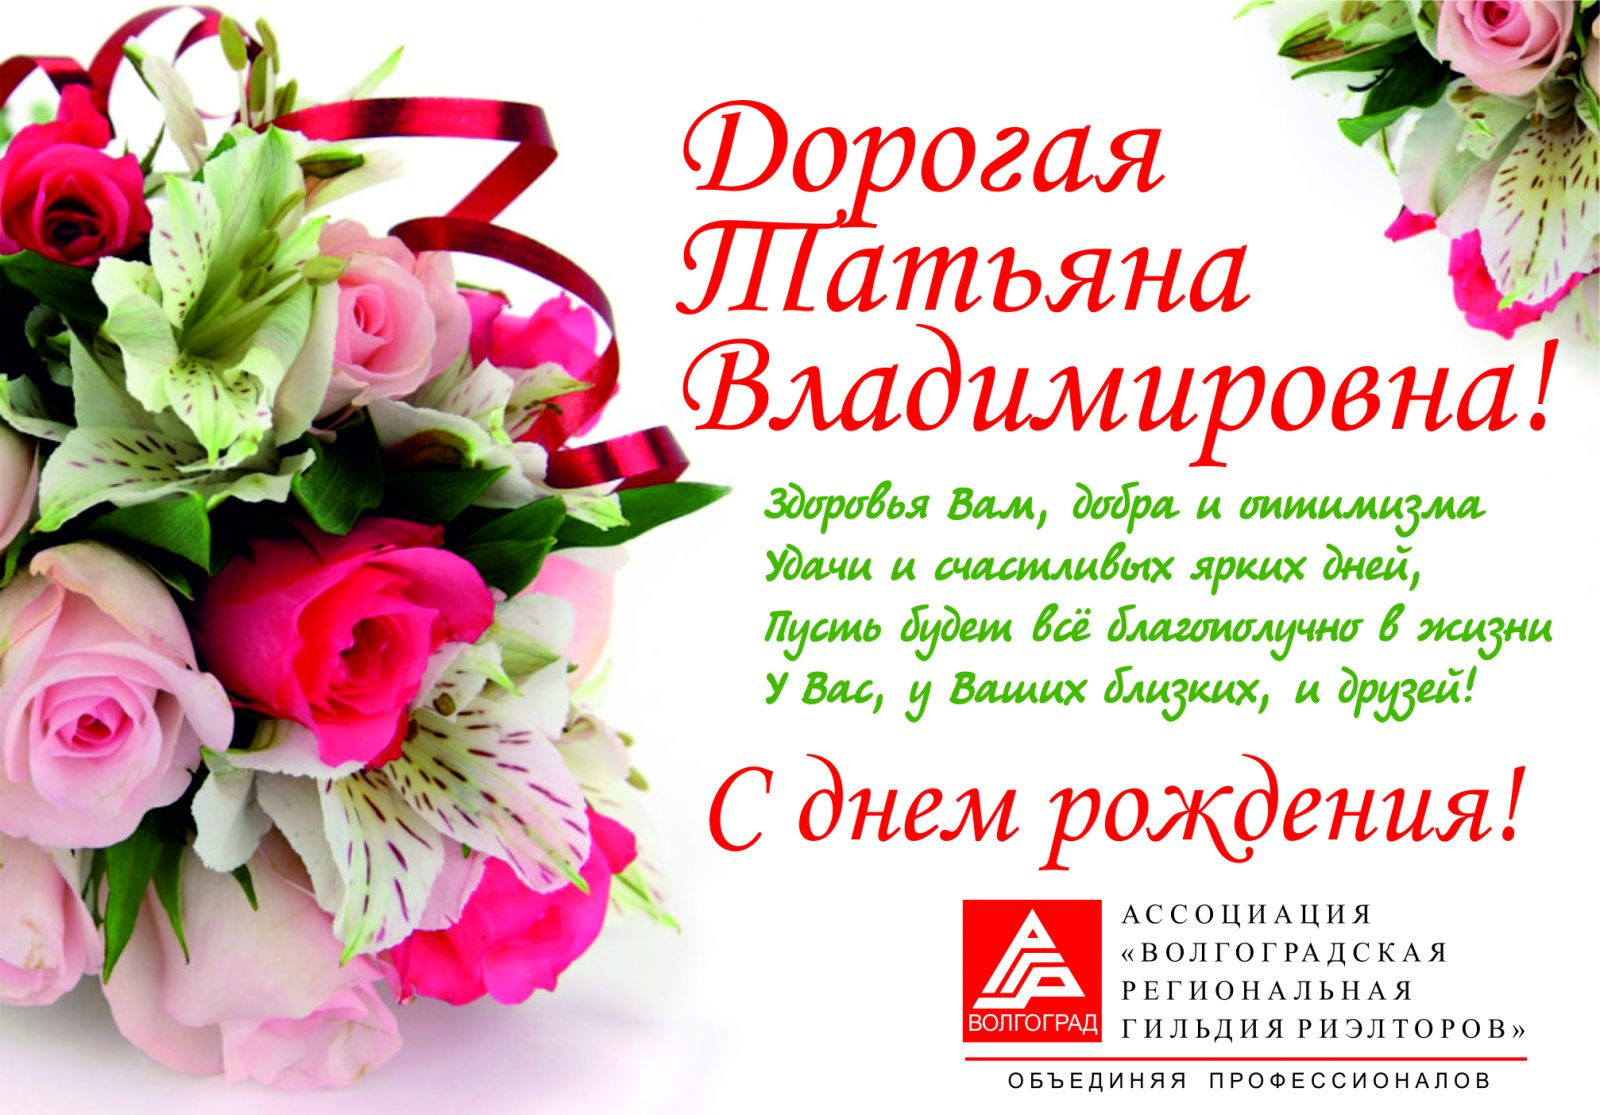 Поздравления с днем рождения татьяне владимировне учительнице